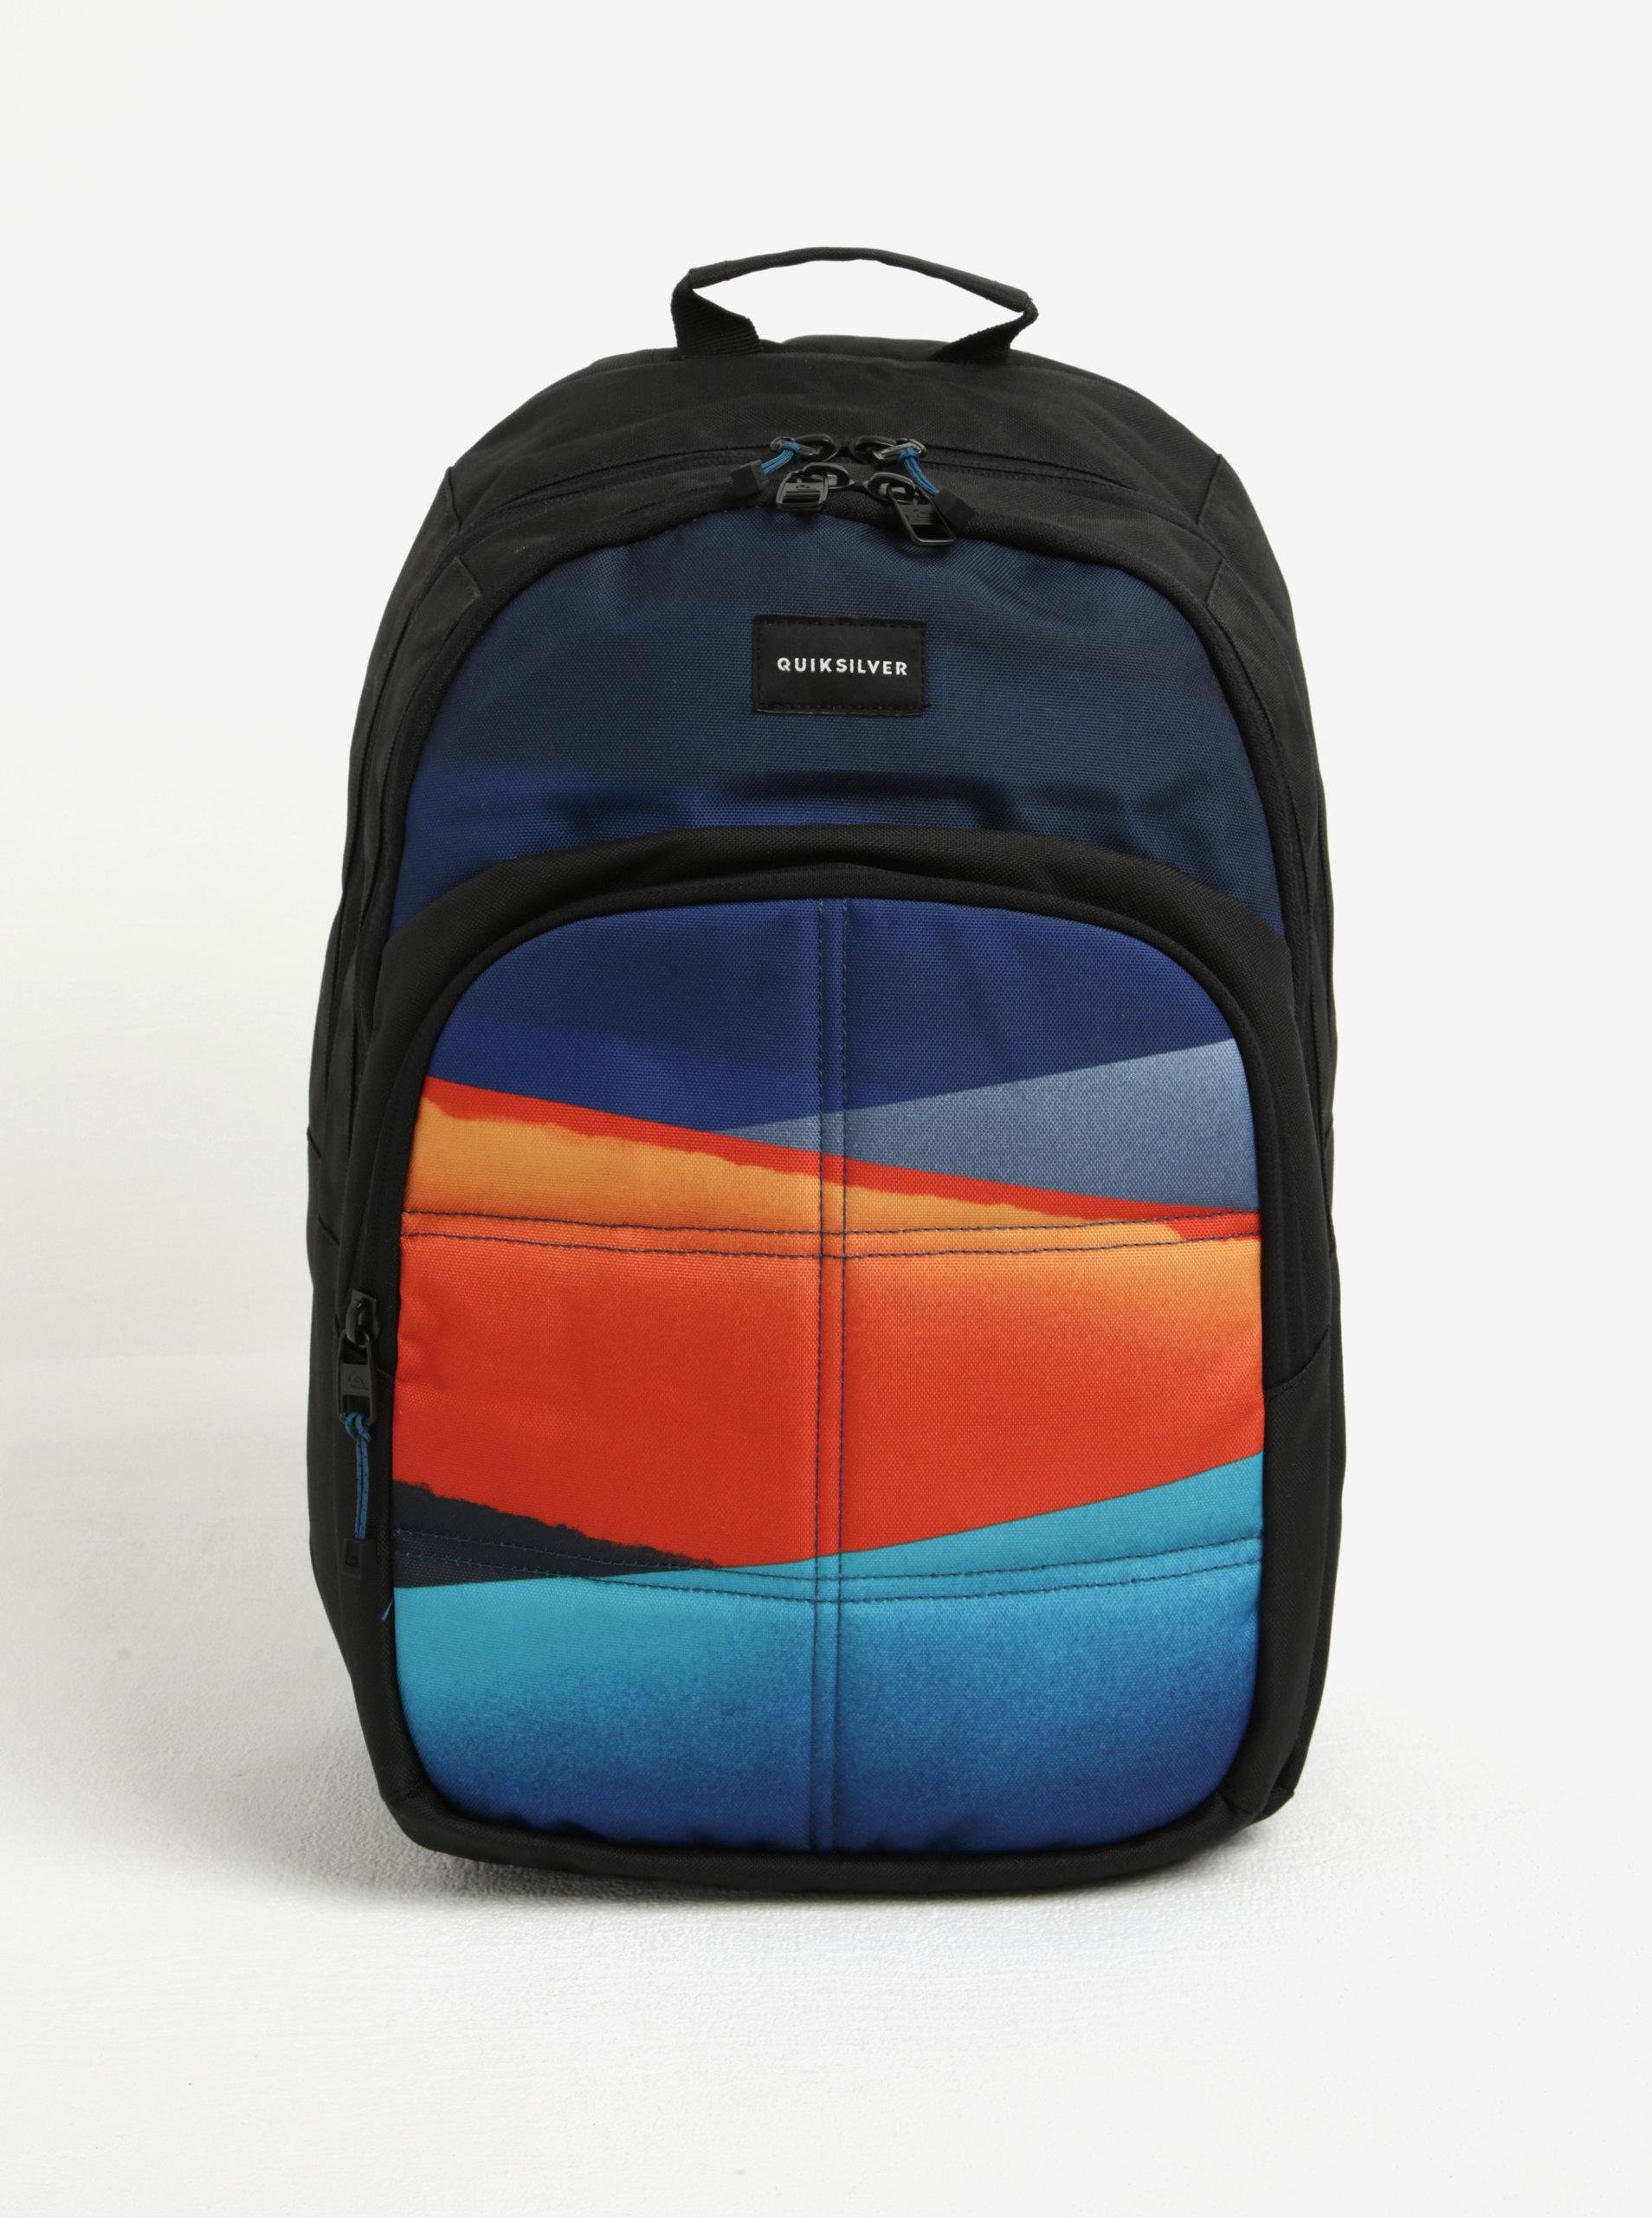 d7229c12cb Modro-černý pánský batoh Quiksilver 20l ...